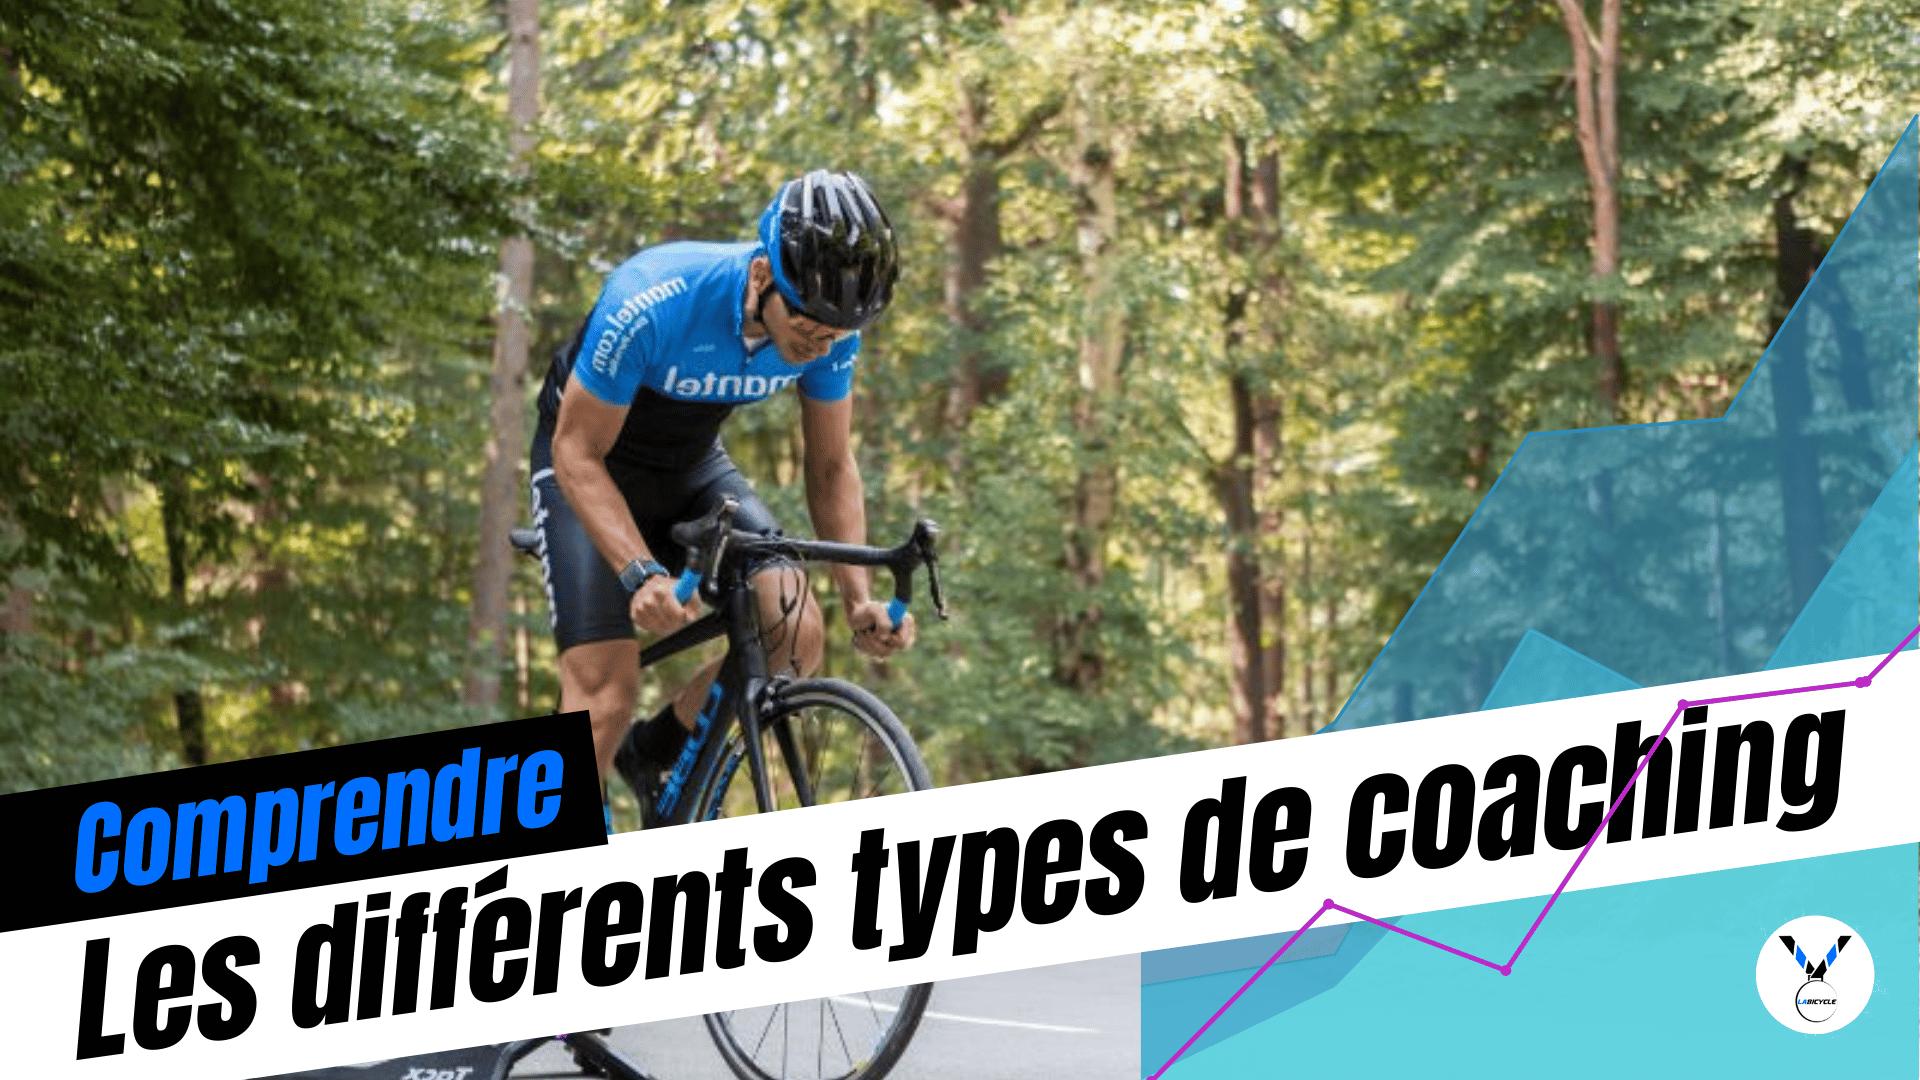 Les différents coachings cycliste : 3 niveaux à connaître